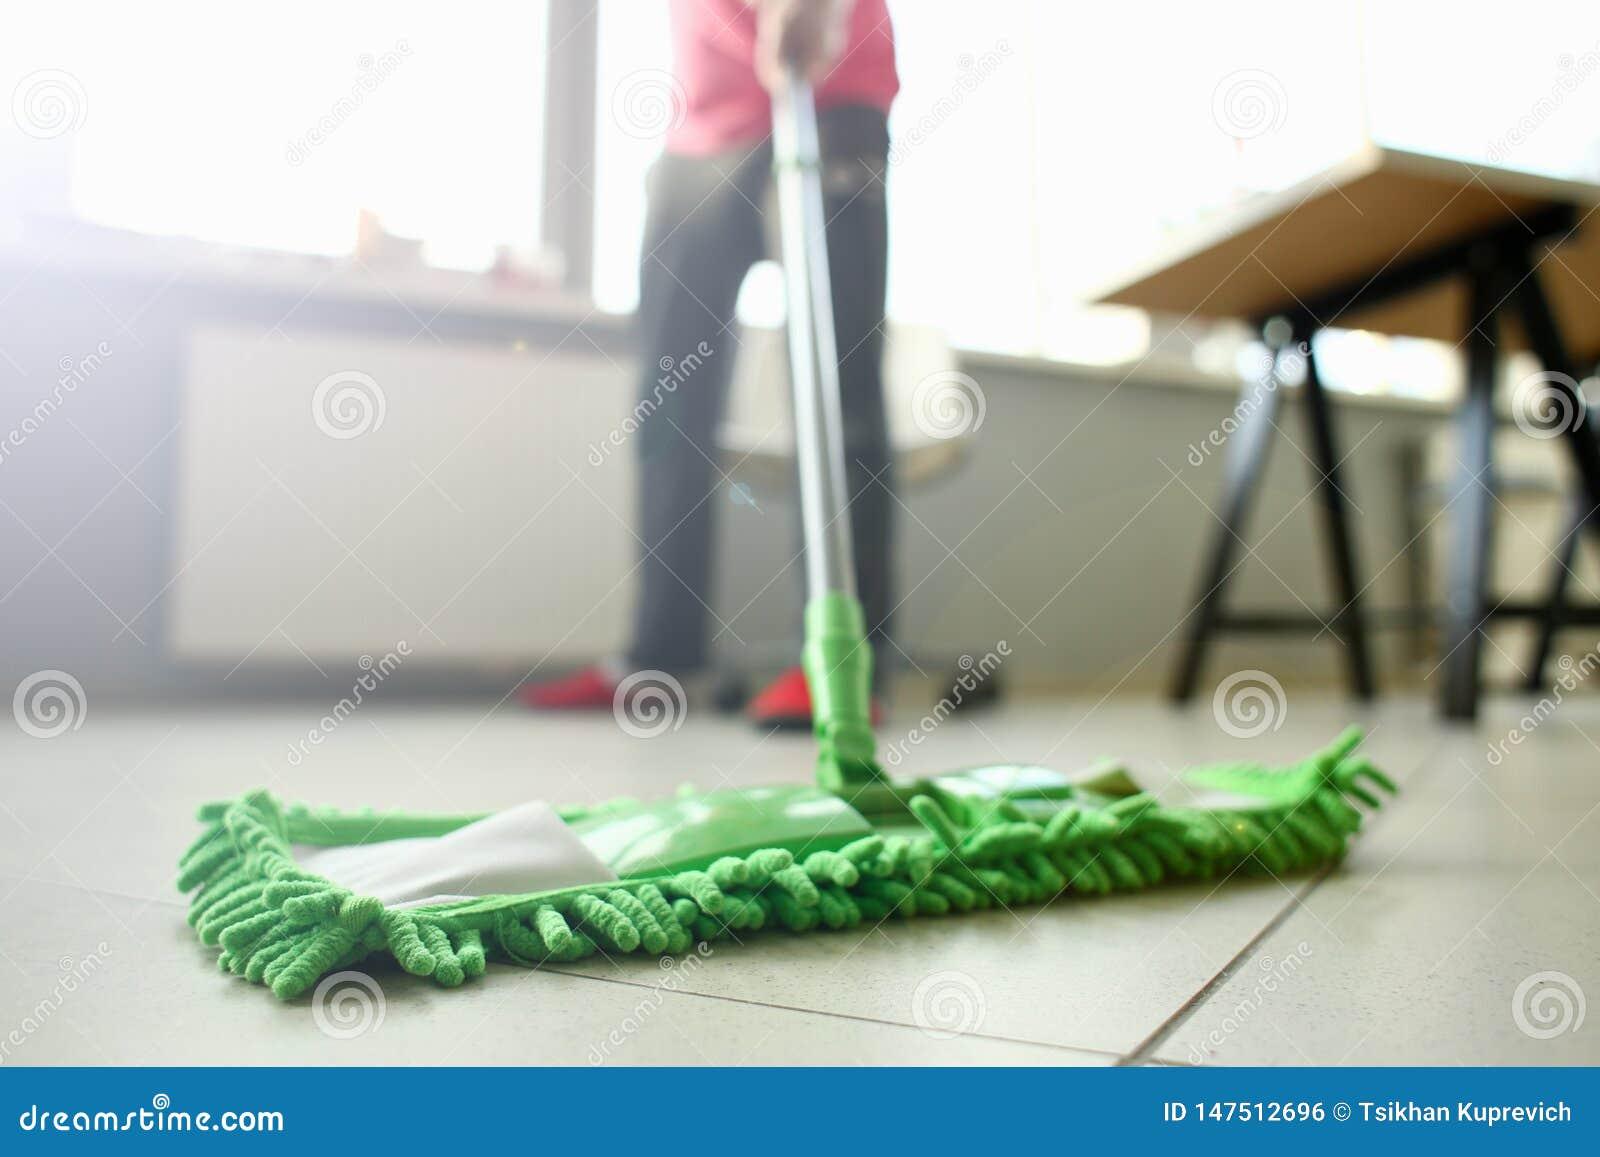 Groene plastic zwabber die gelamineerde lichte vuile vloer schoonmaken